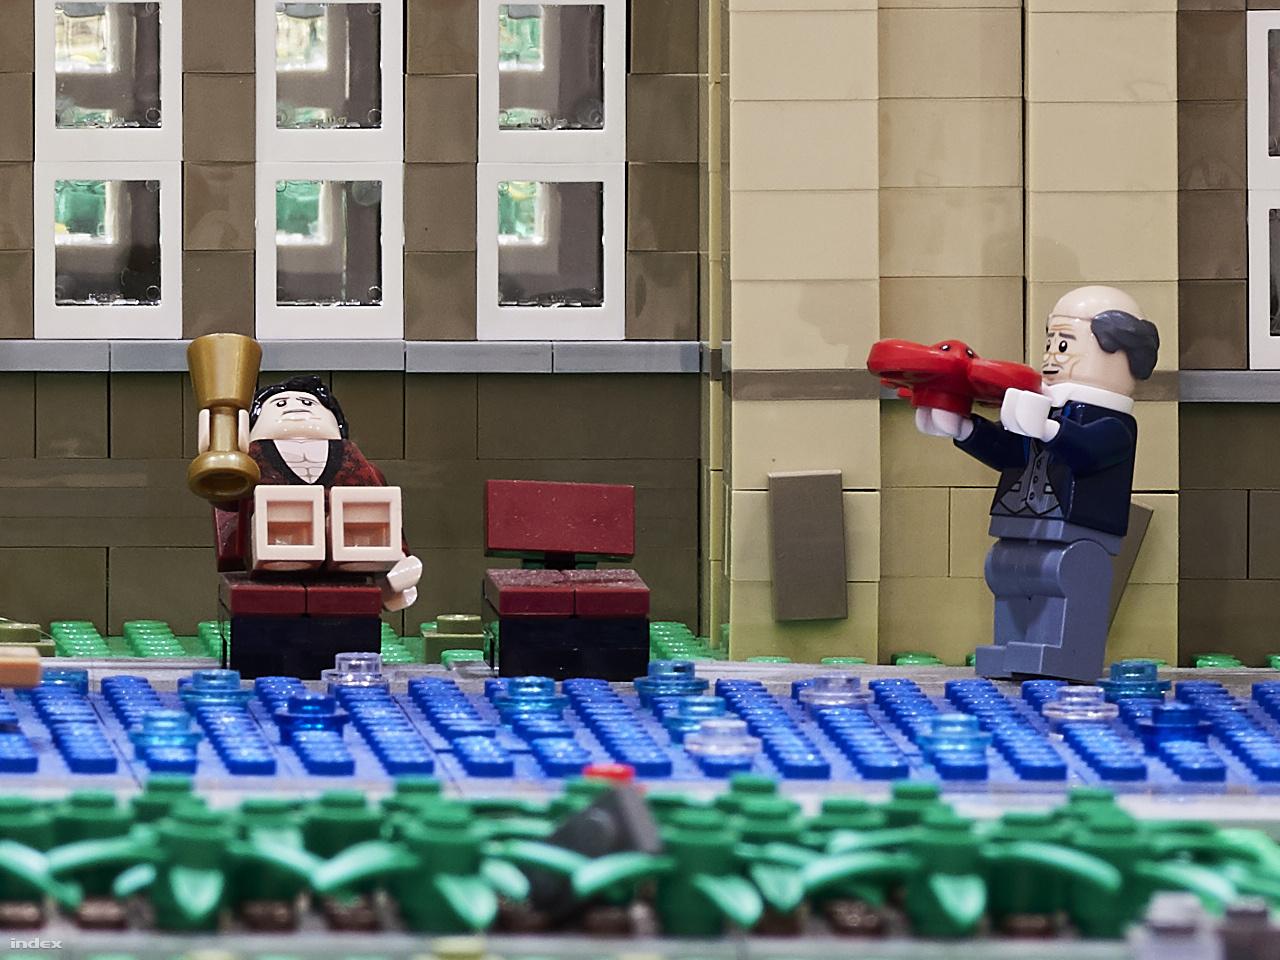 Wayne úrfinak homárt szolgál fel hűséges inasa, Alfred – 100 százalékos képkivágás a fenti fotó 150 megapixeles eredetijéből.